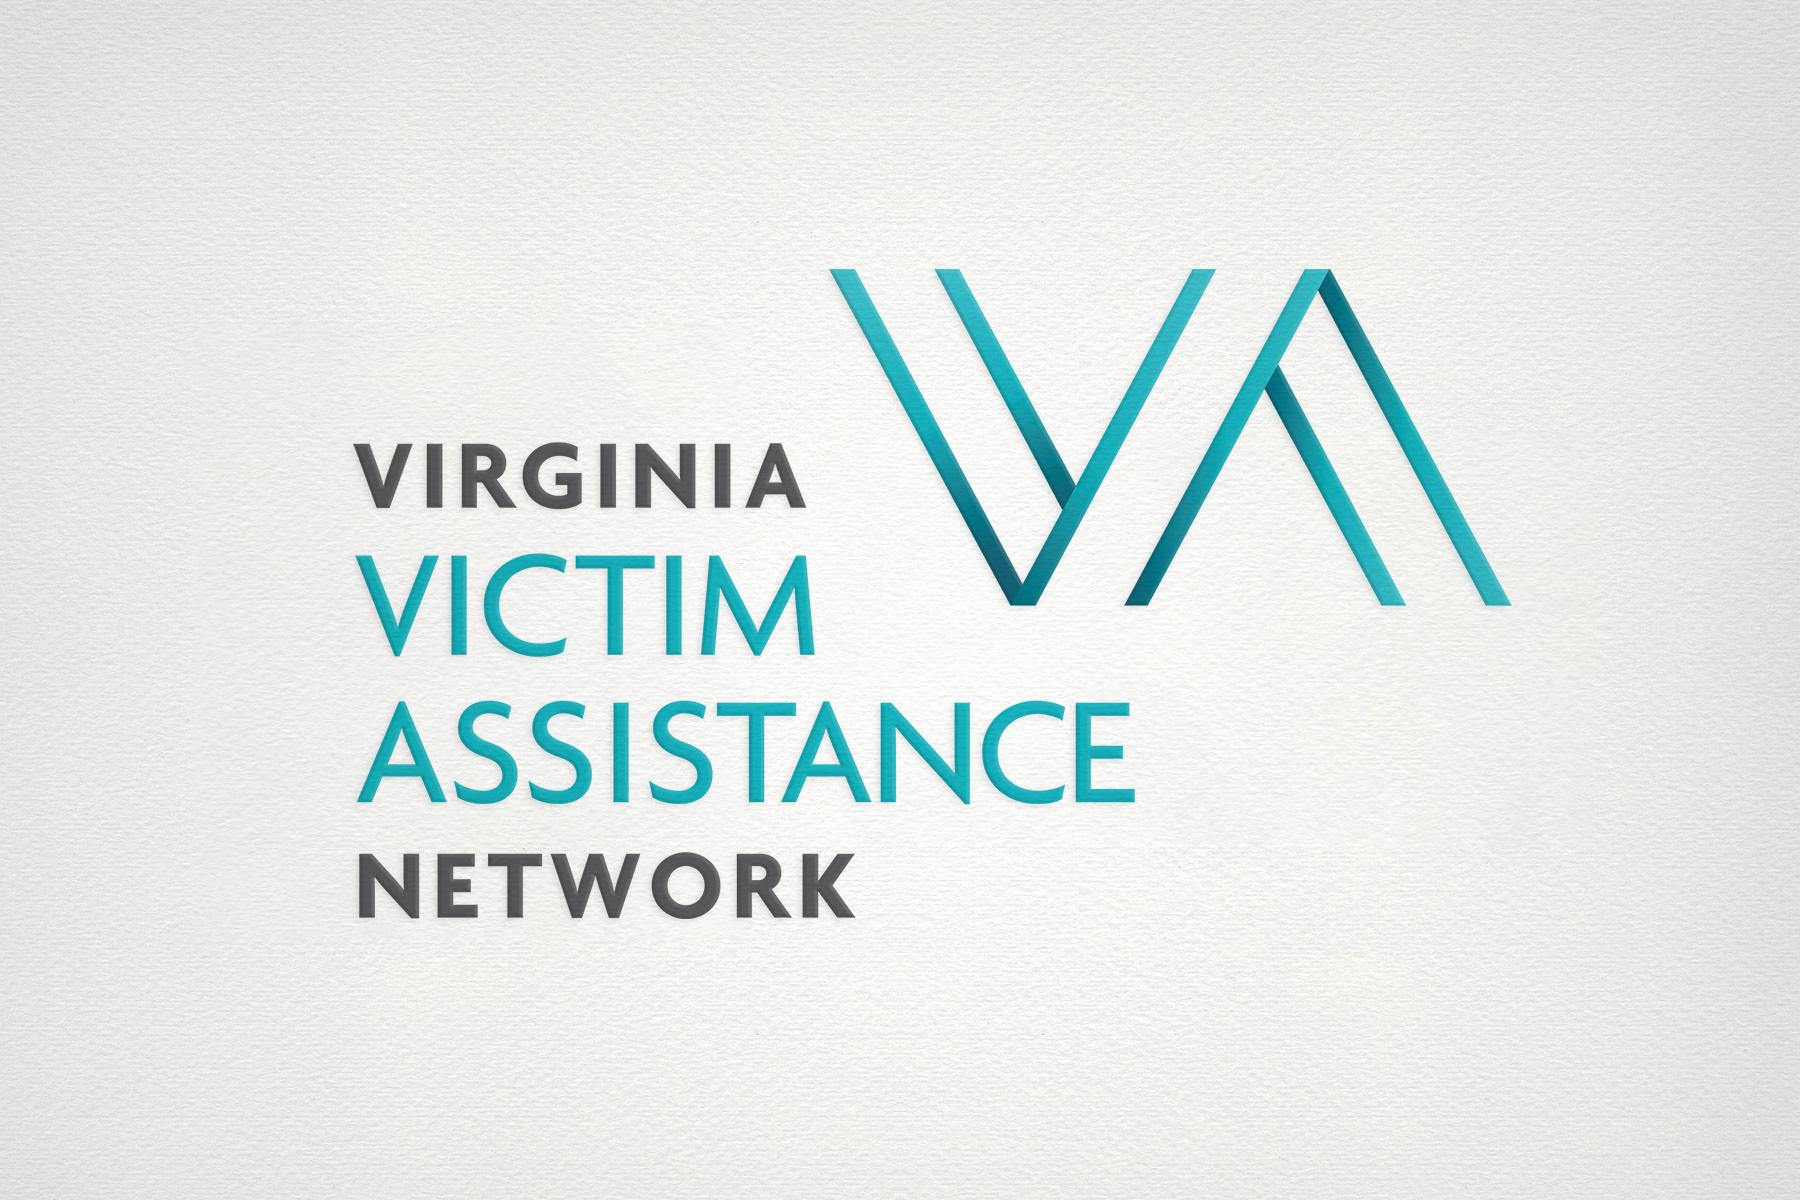 Logos Vvan